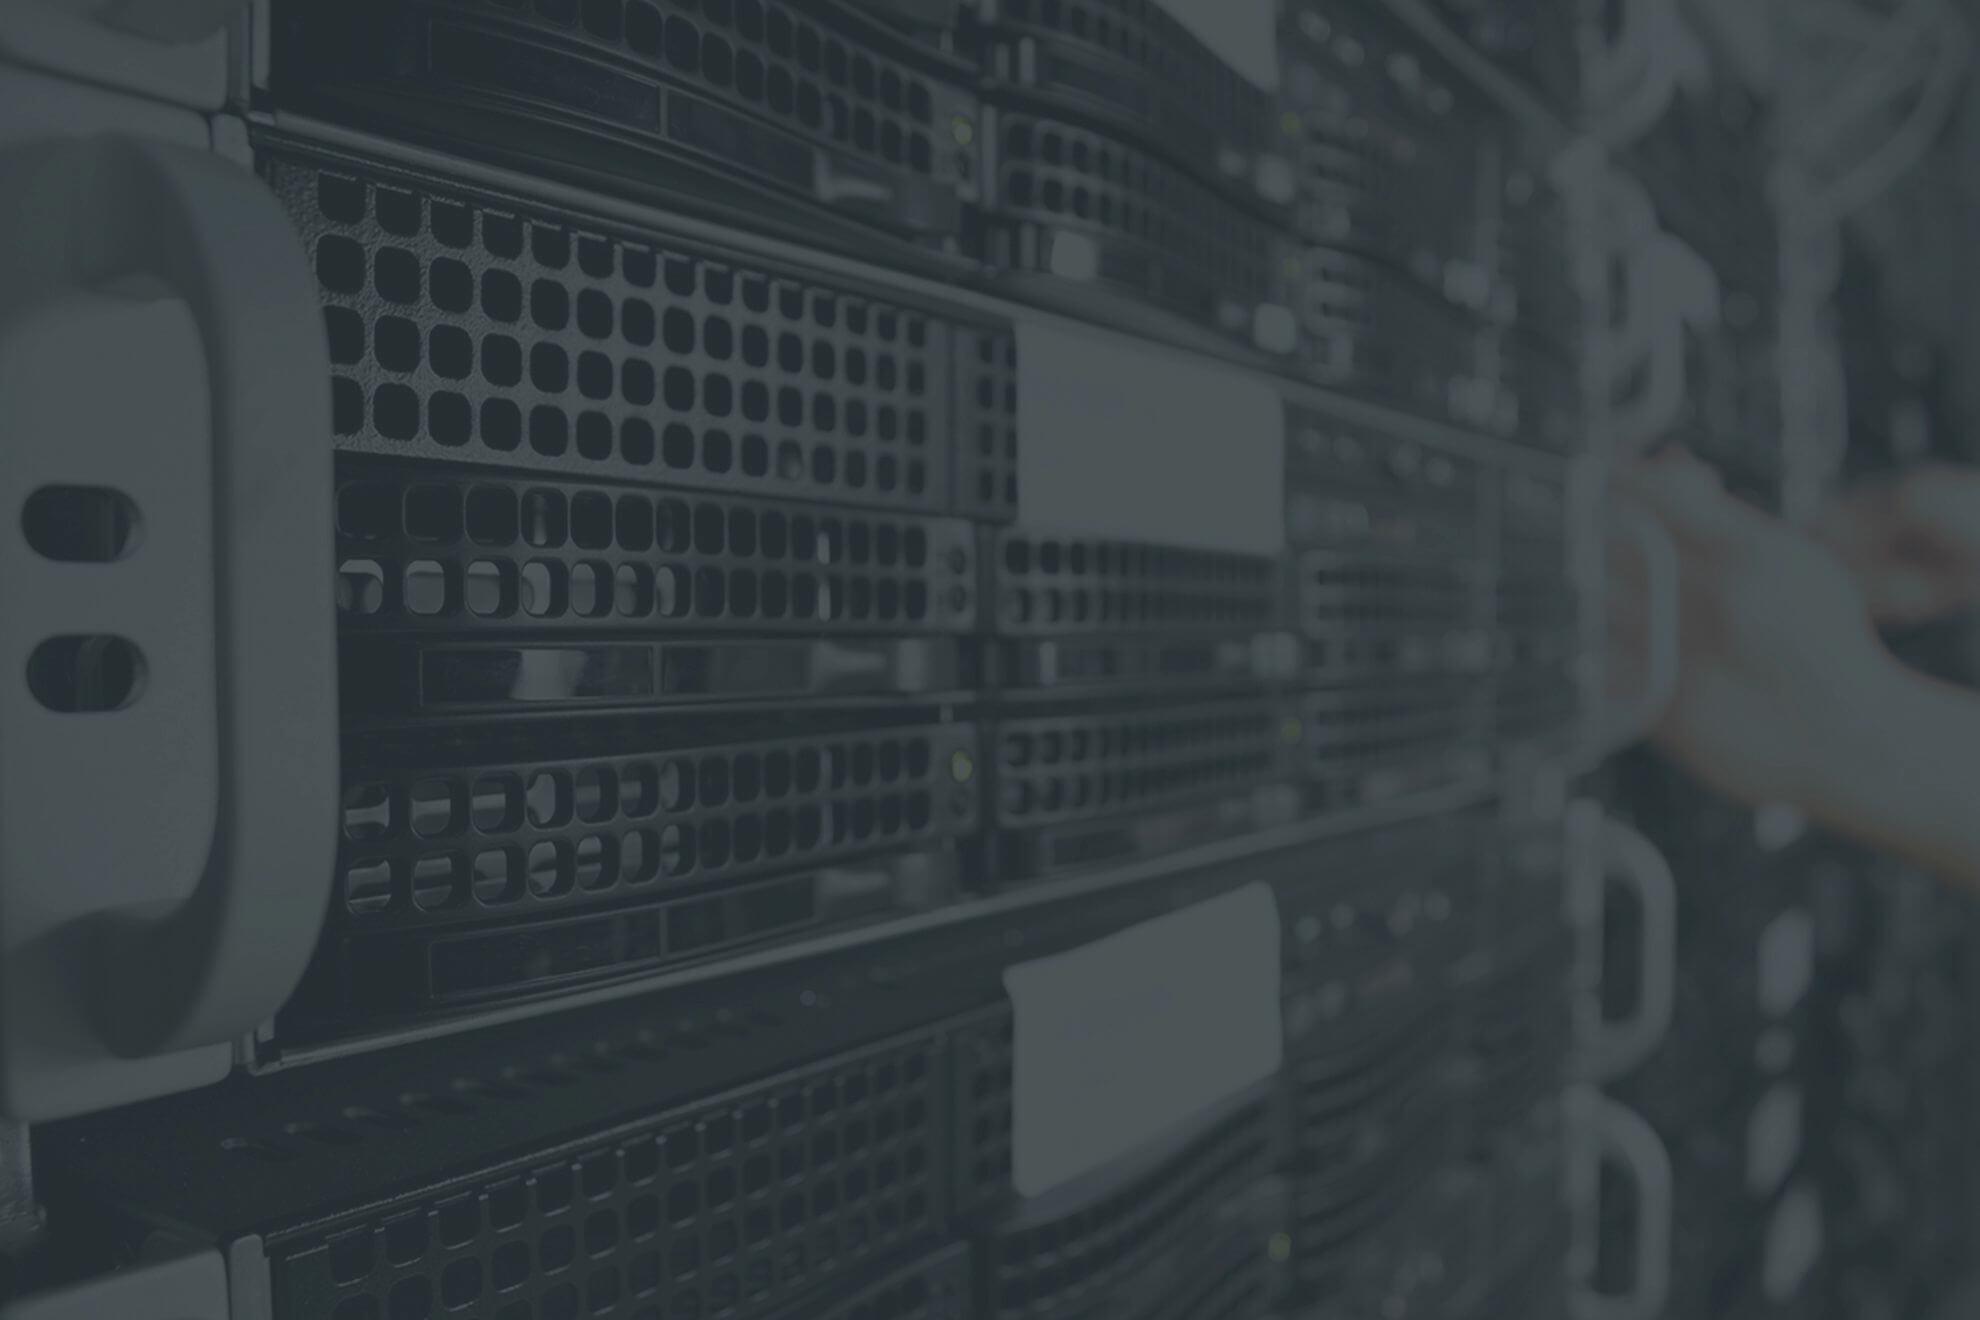 Wdrożenia informatyczne i modernizacje systemów informatycznych